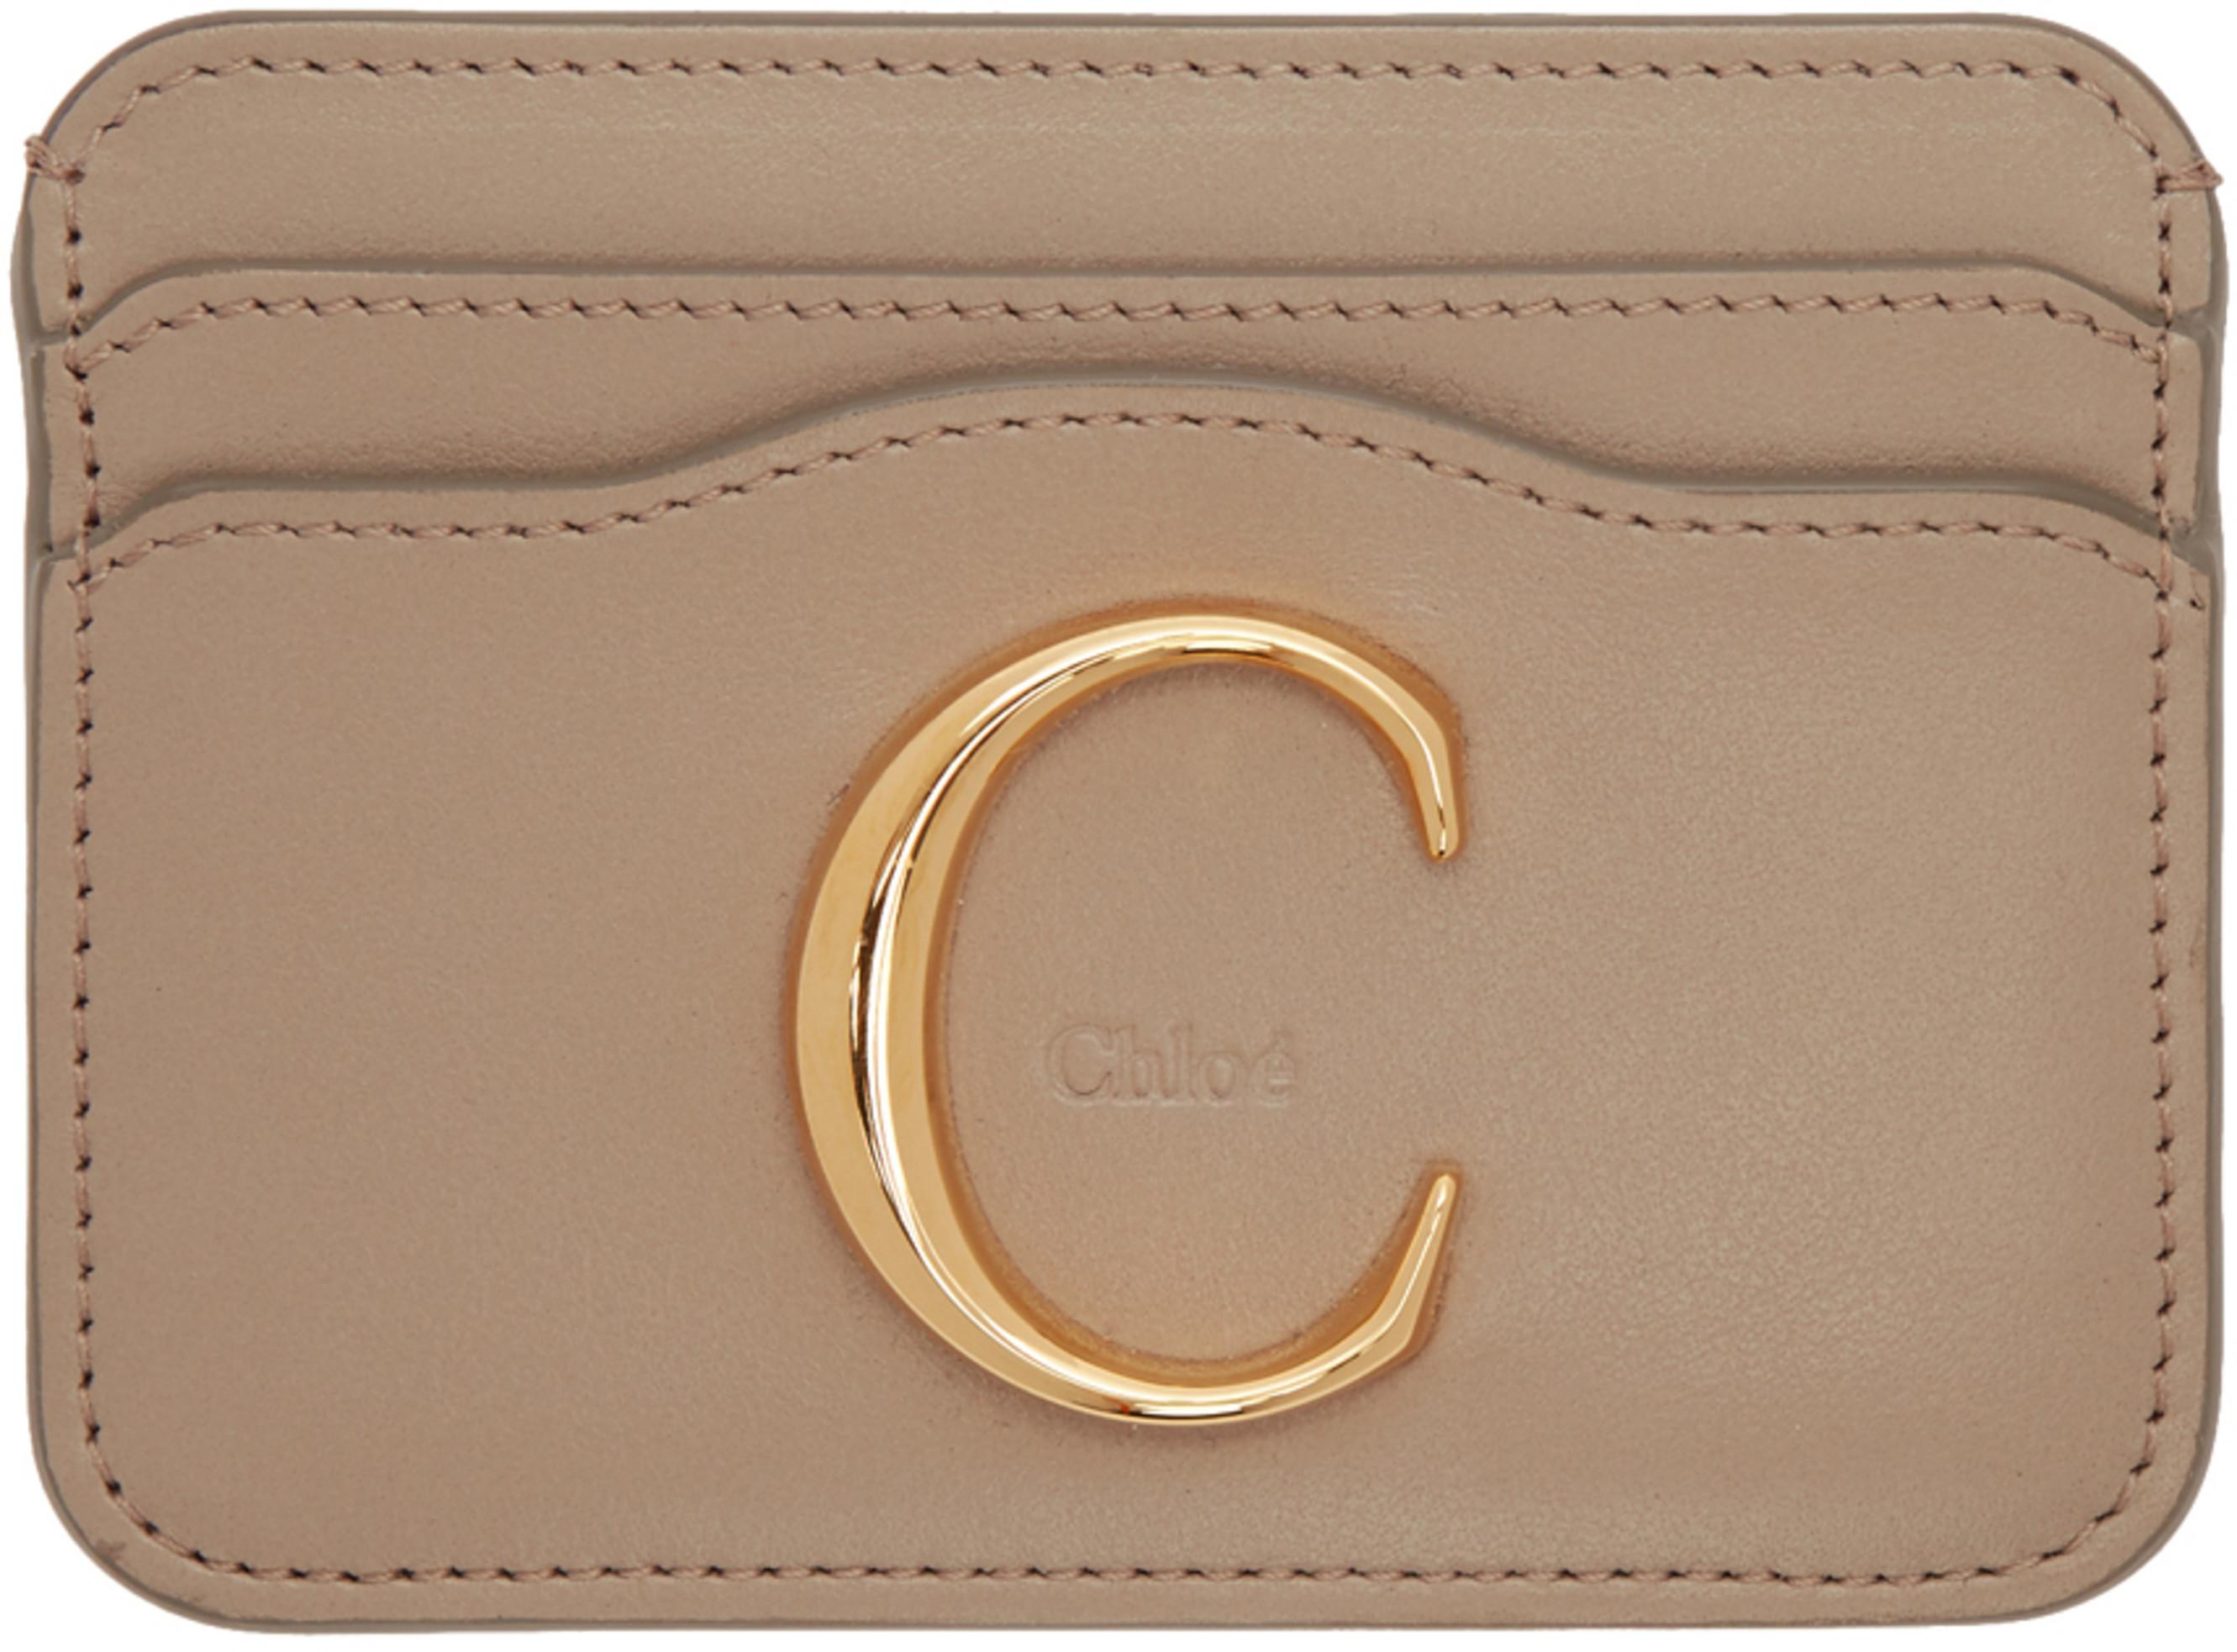 052c5ba072e Designer card holders for Women